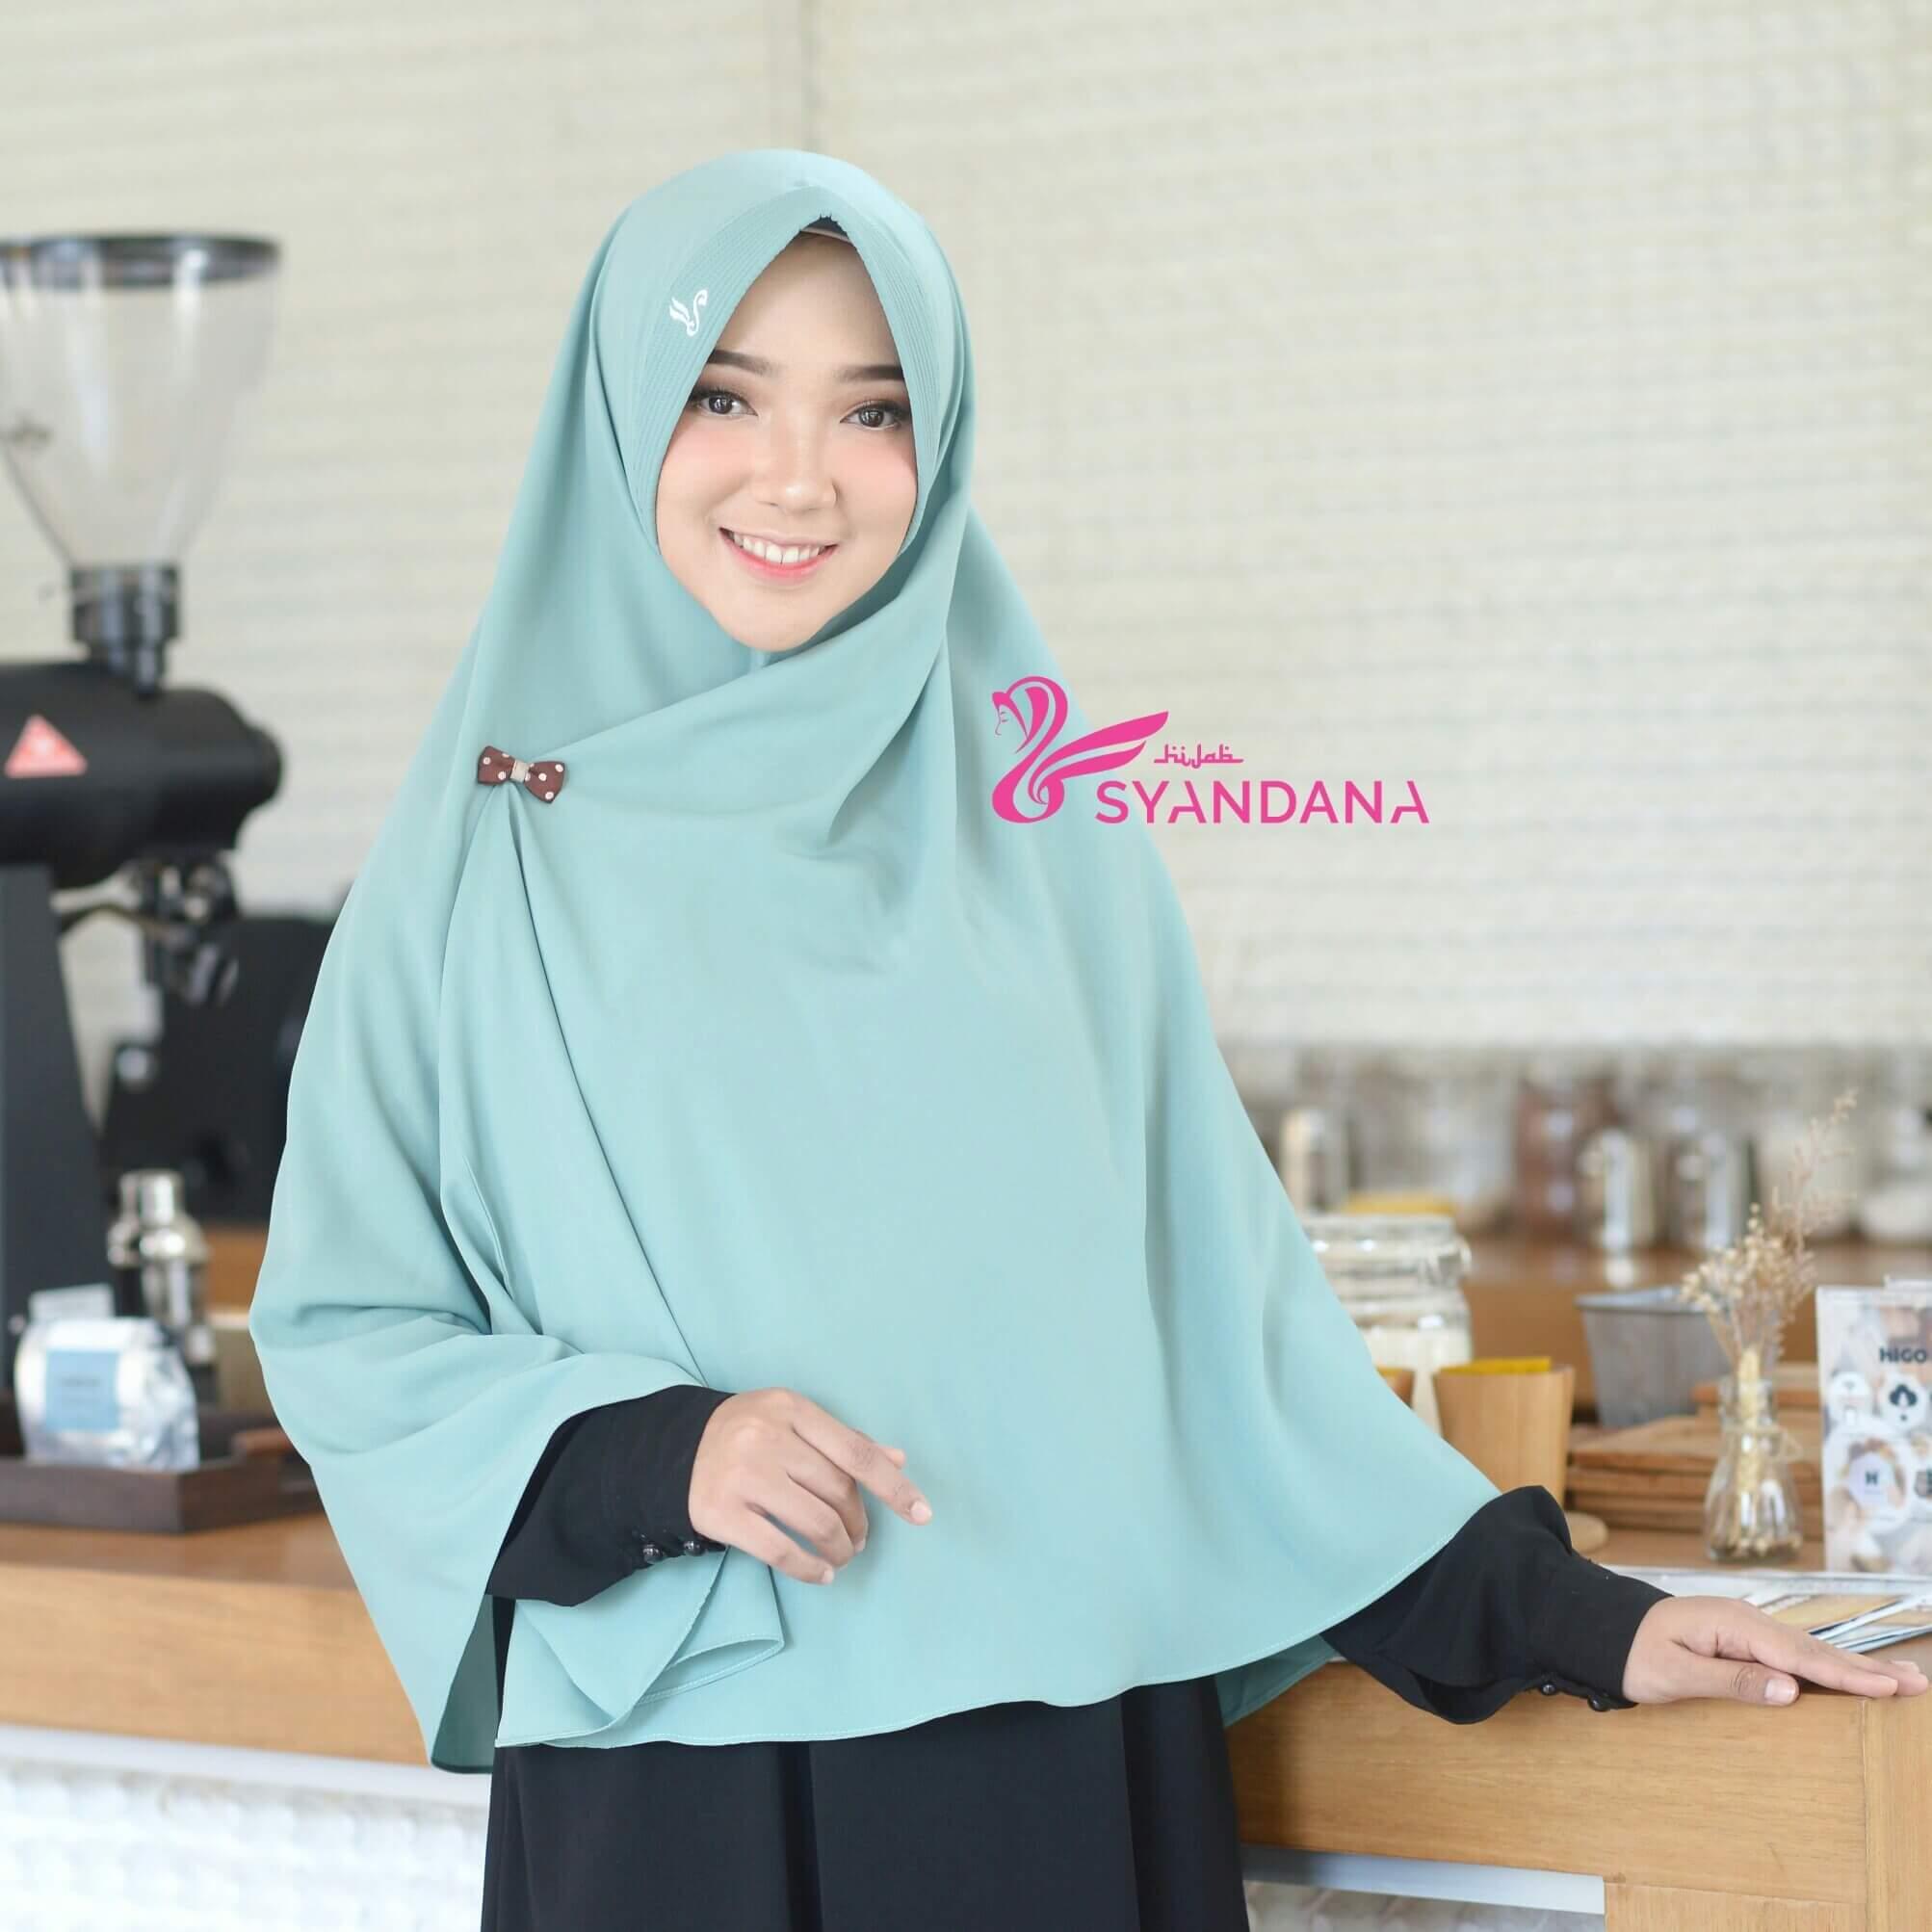 بالصور صور خمار , اروع موديلات الحجابات و الخمارات 3495 11